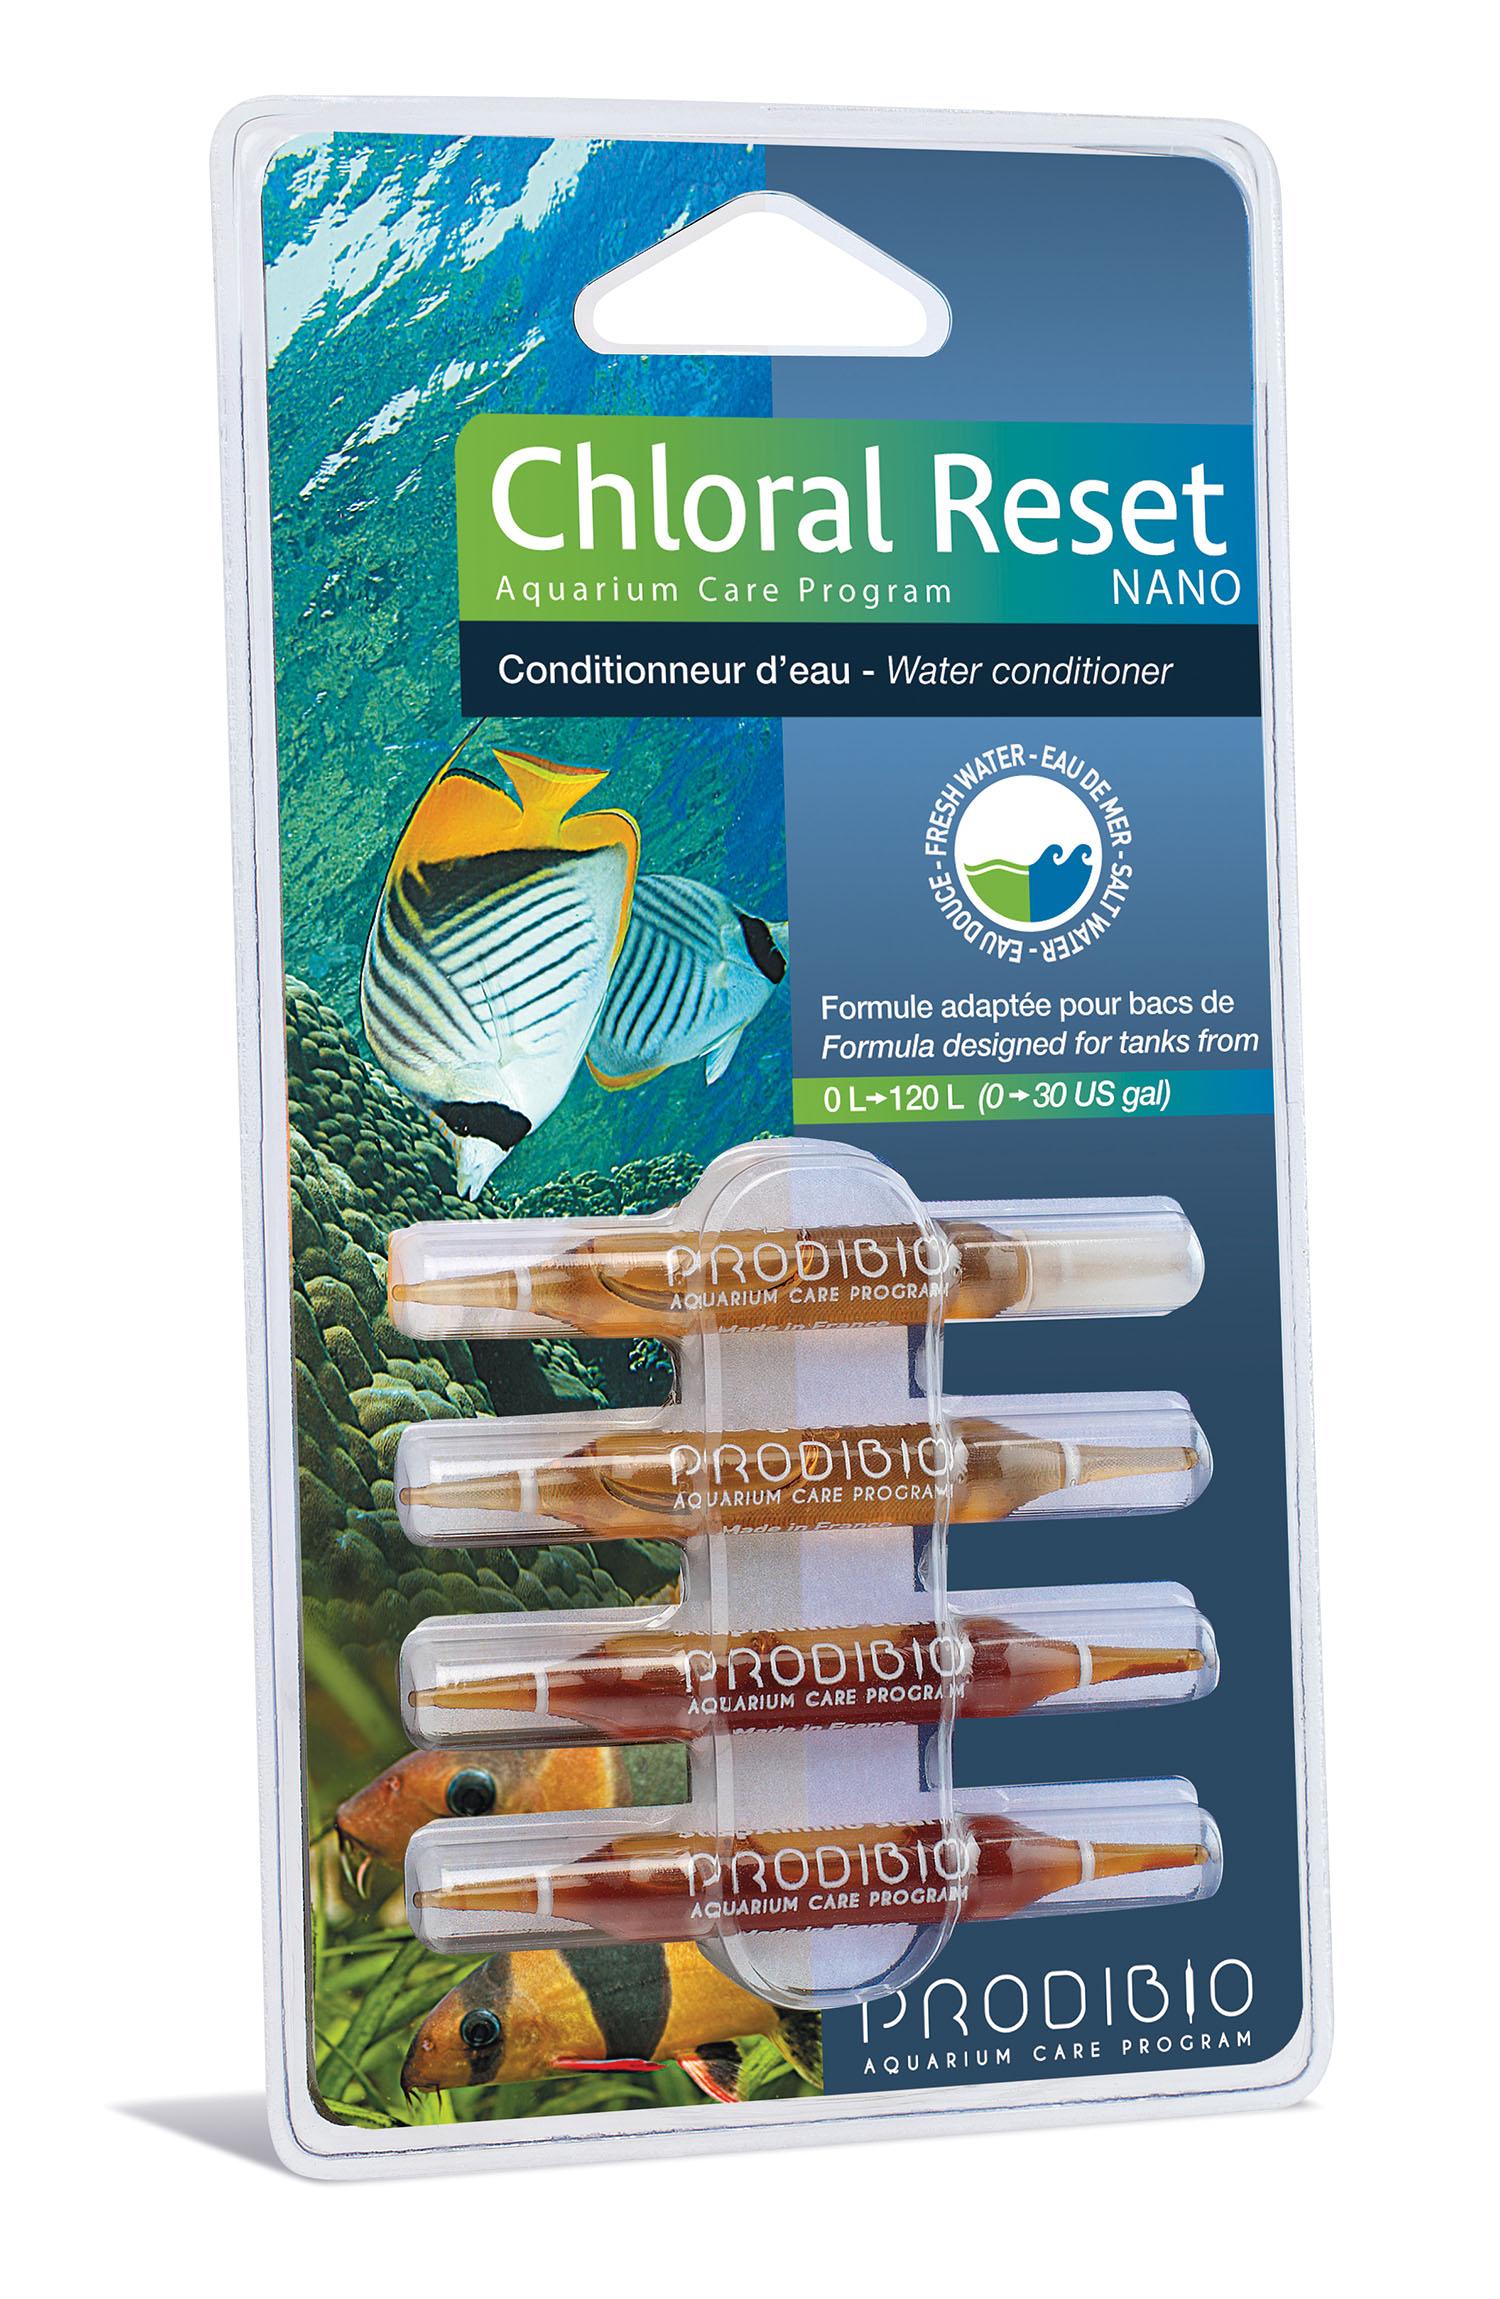 PRODIBIO Chloral Reset Nano 4 ampoules conditionneur d\'eau pour eau douce et eau de mer